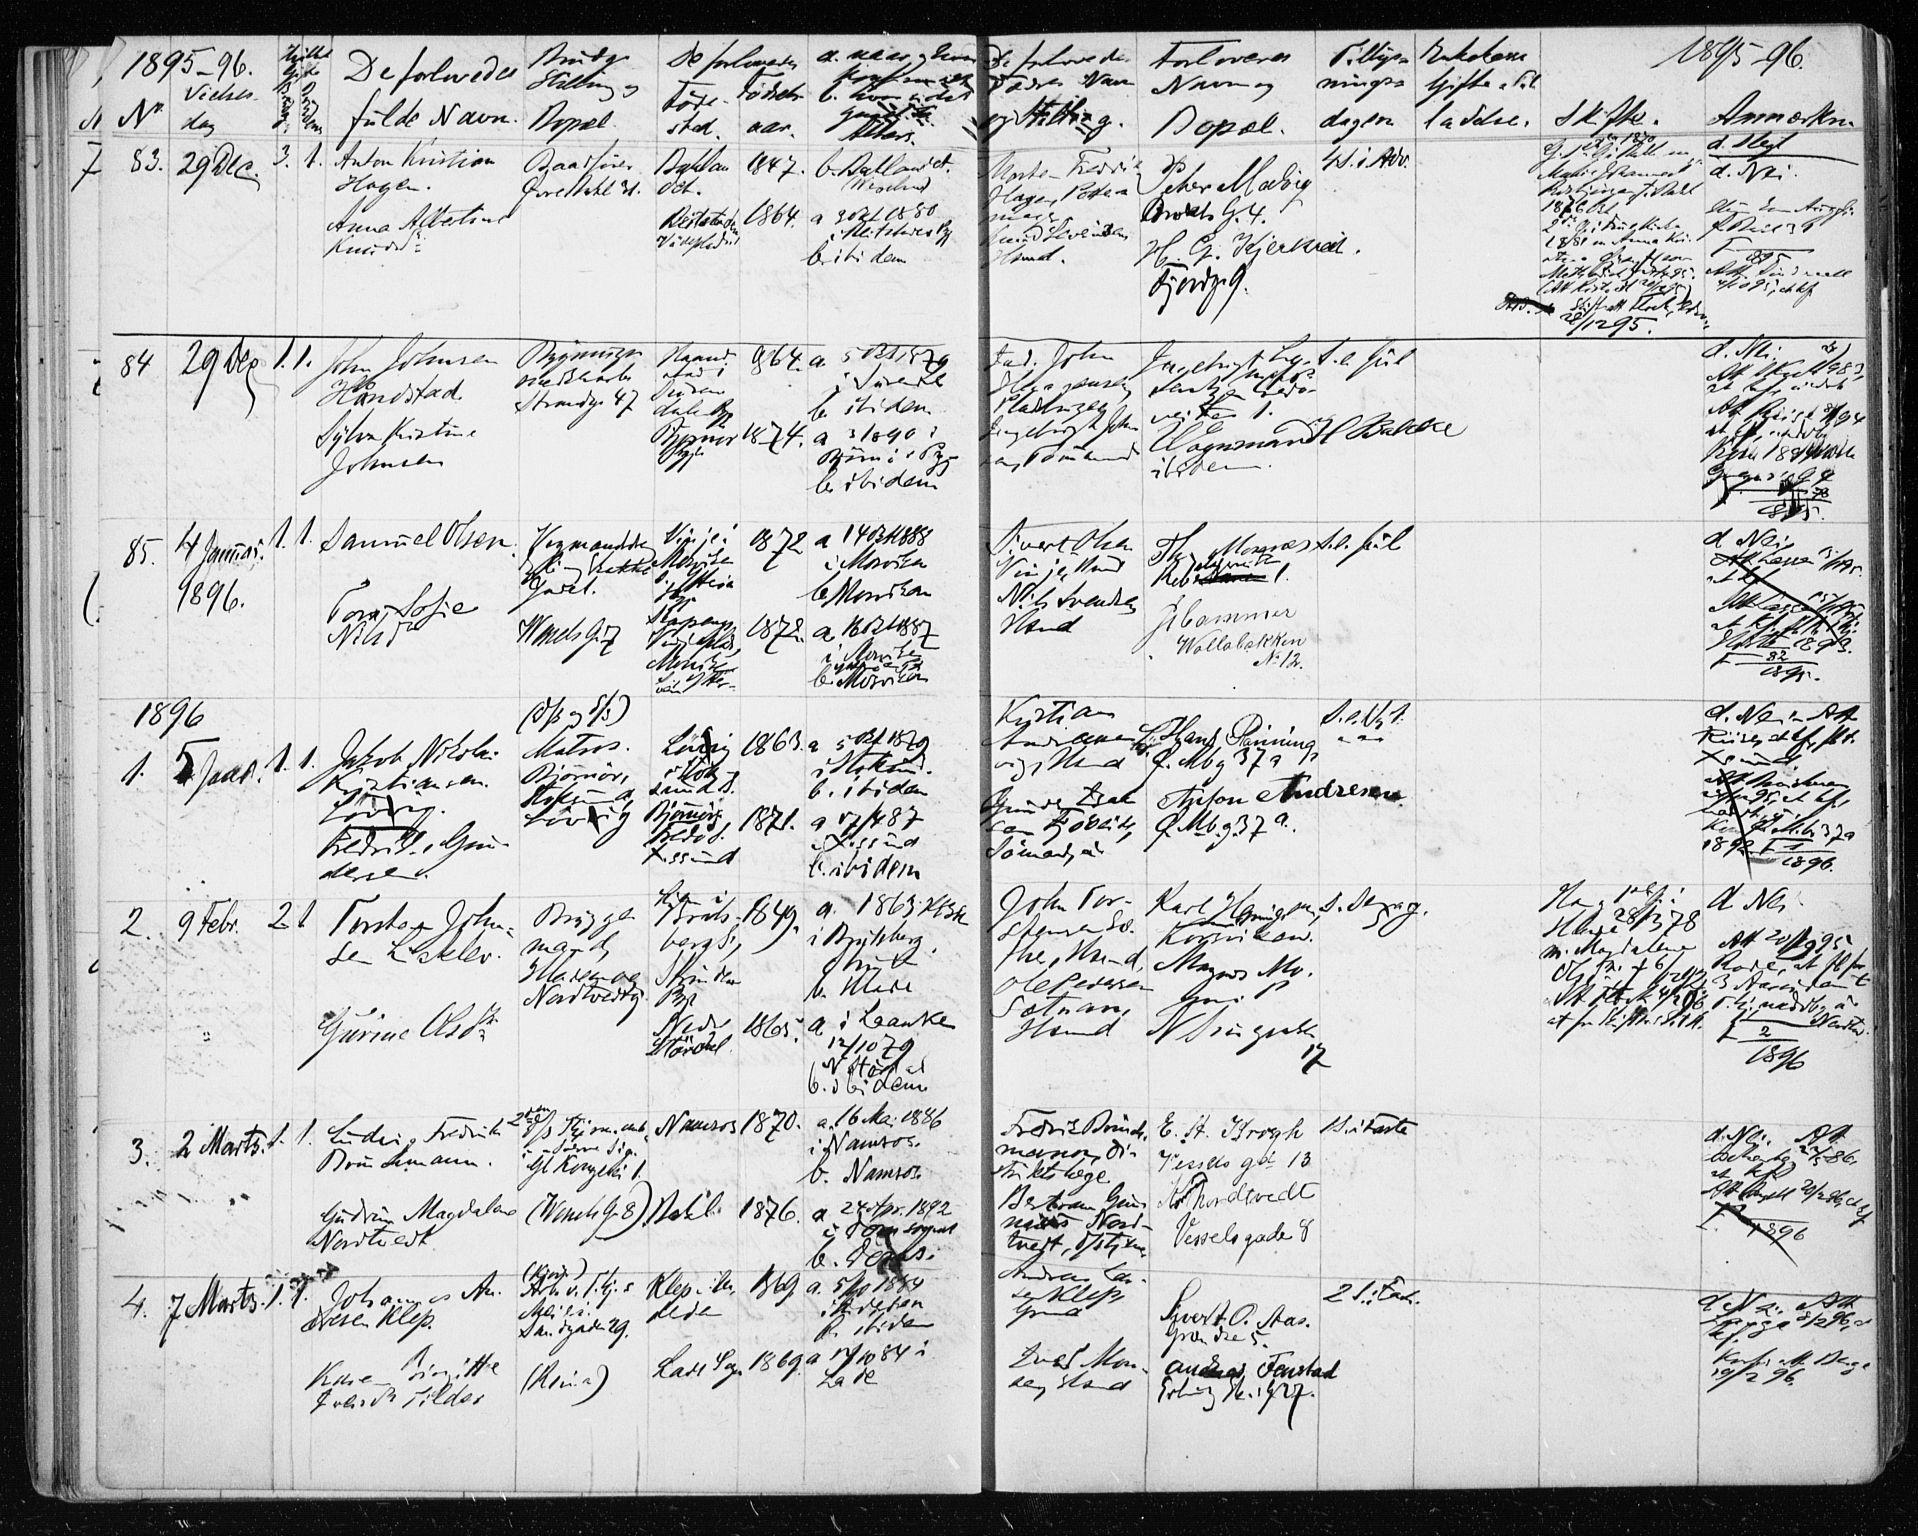 SAT, Ministerialprotokoller, klokkerbøker og fødselsregistre - Sør-Trøndelag, 604/L0191: Ministerialbok nr. 604A12, 1892-1900